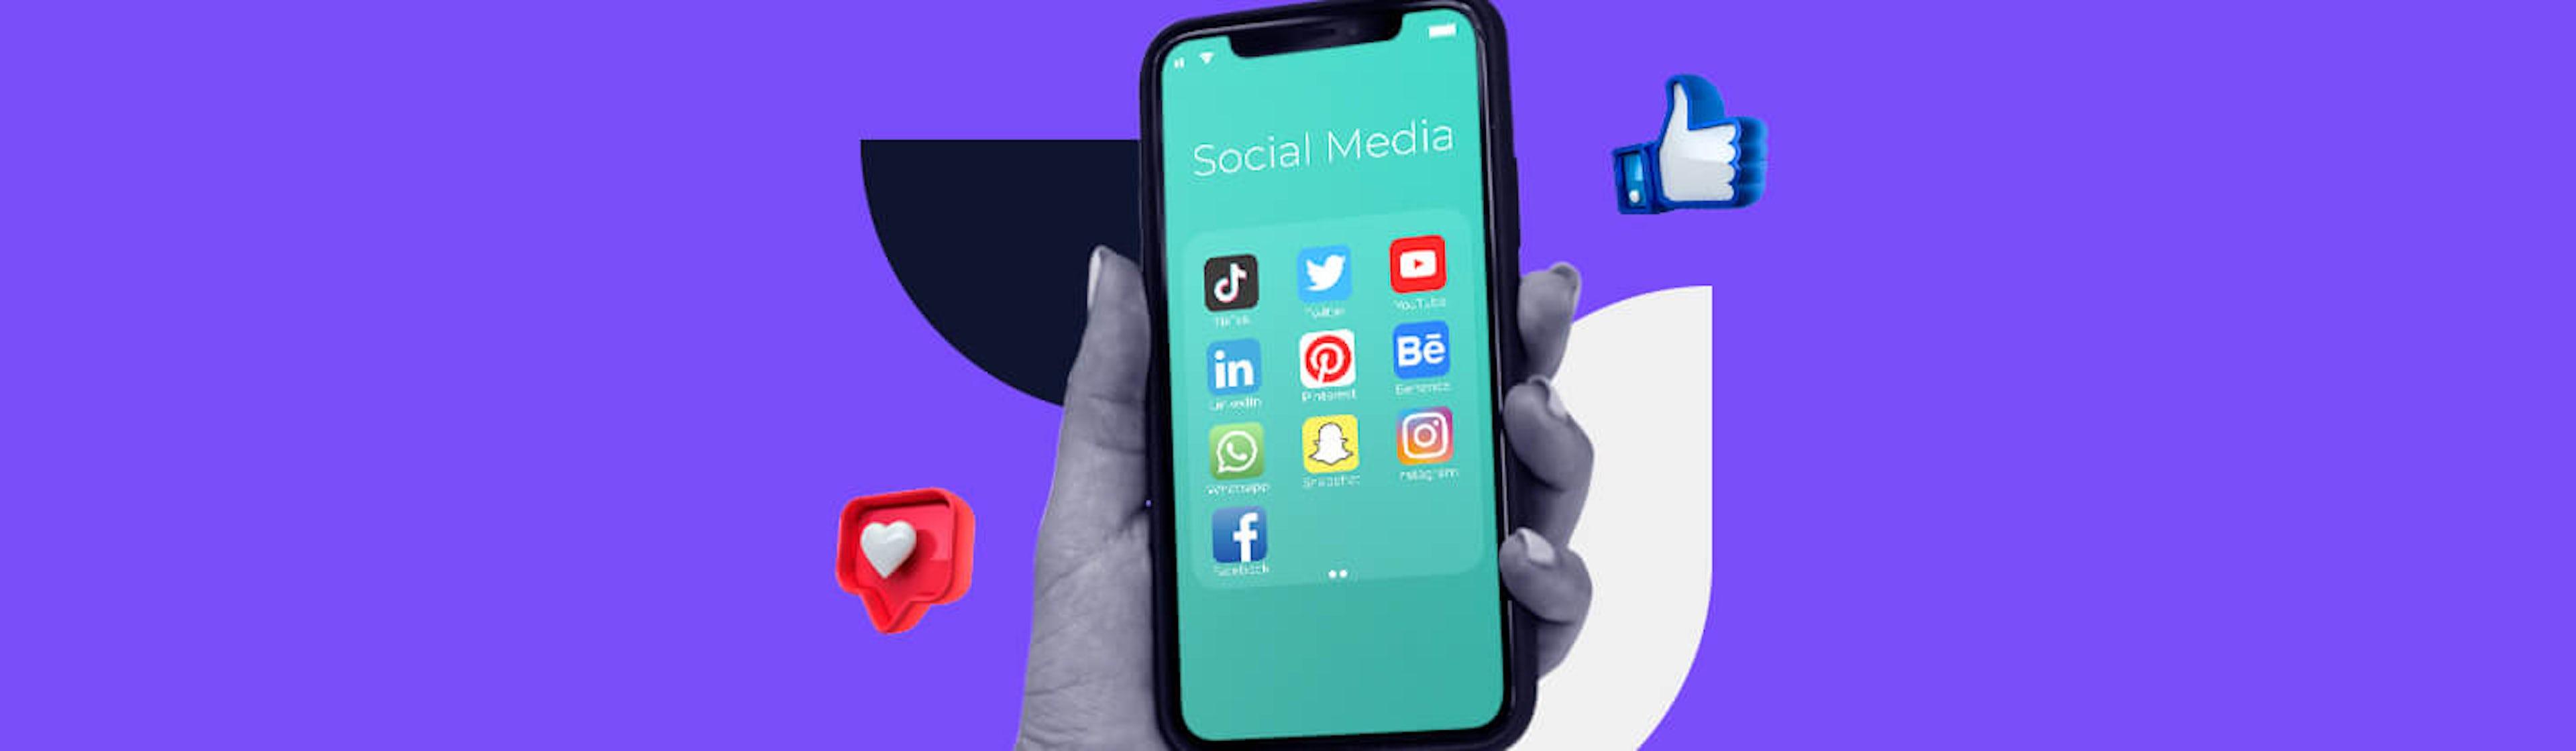 Las redes sociales más usadas en el 2020 y qué esperar de ellas este 2021